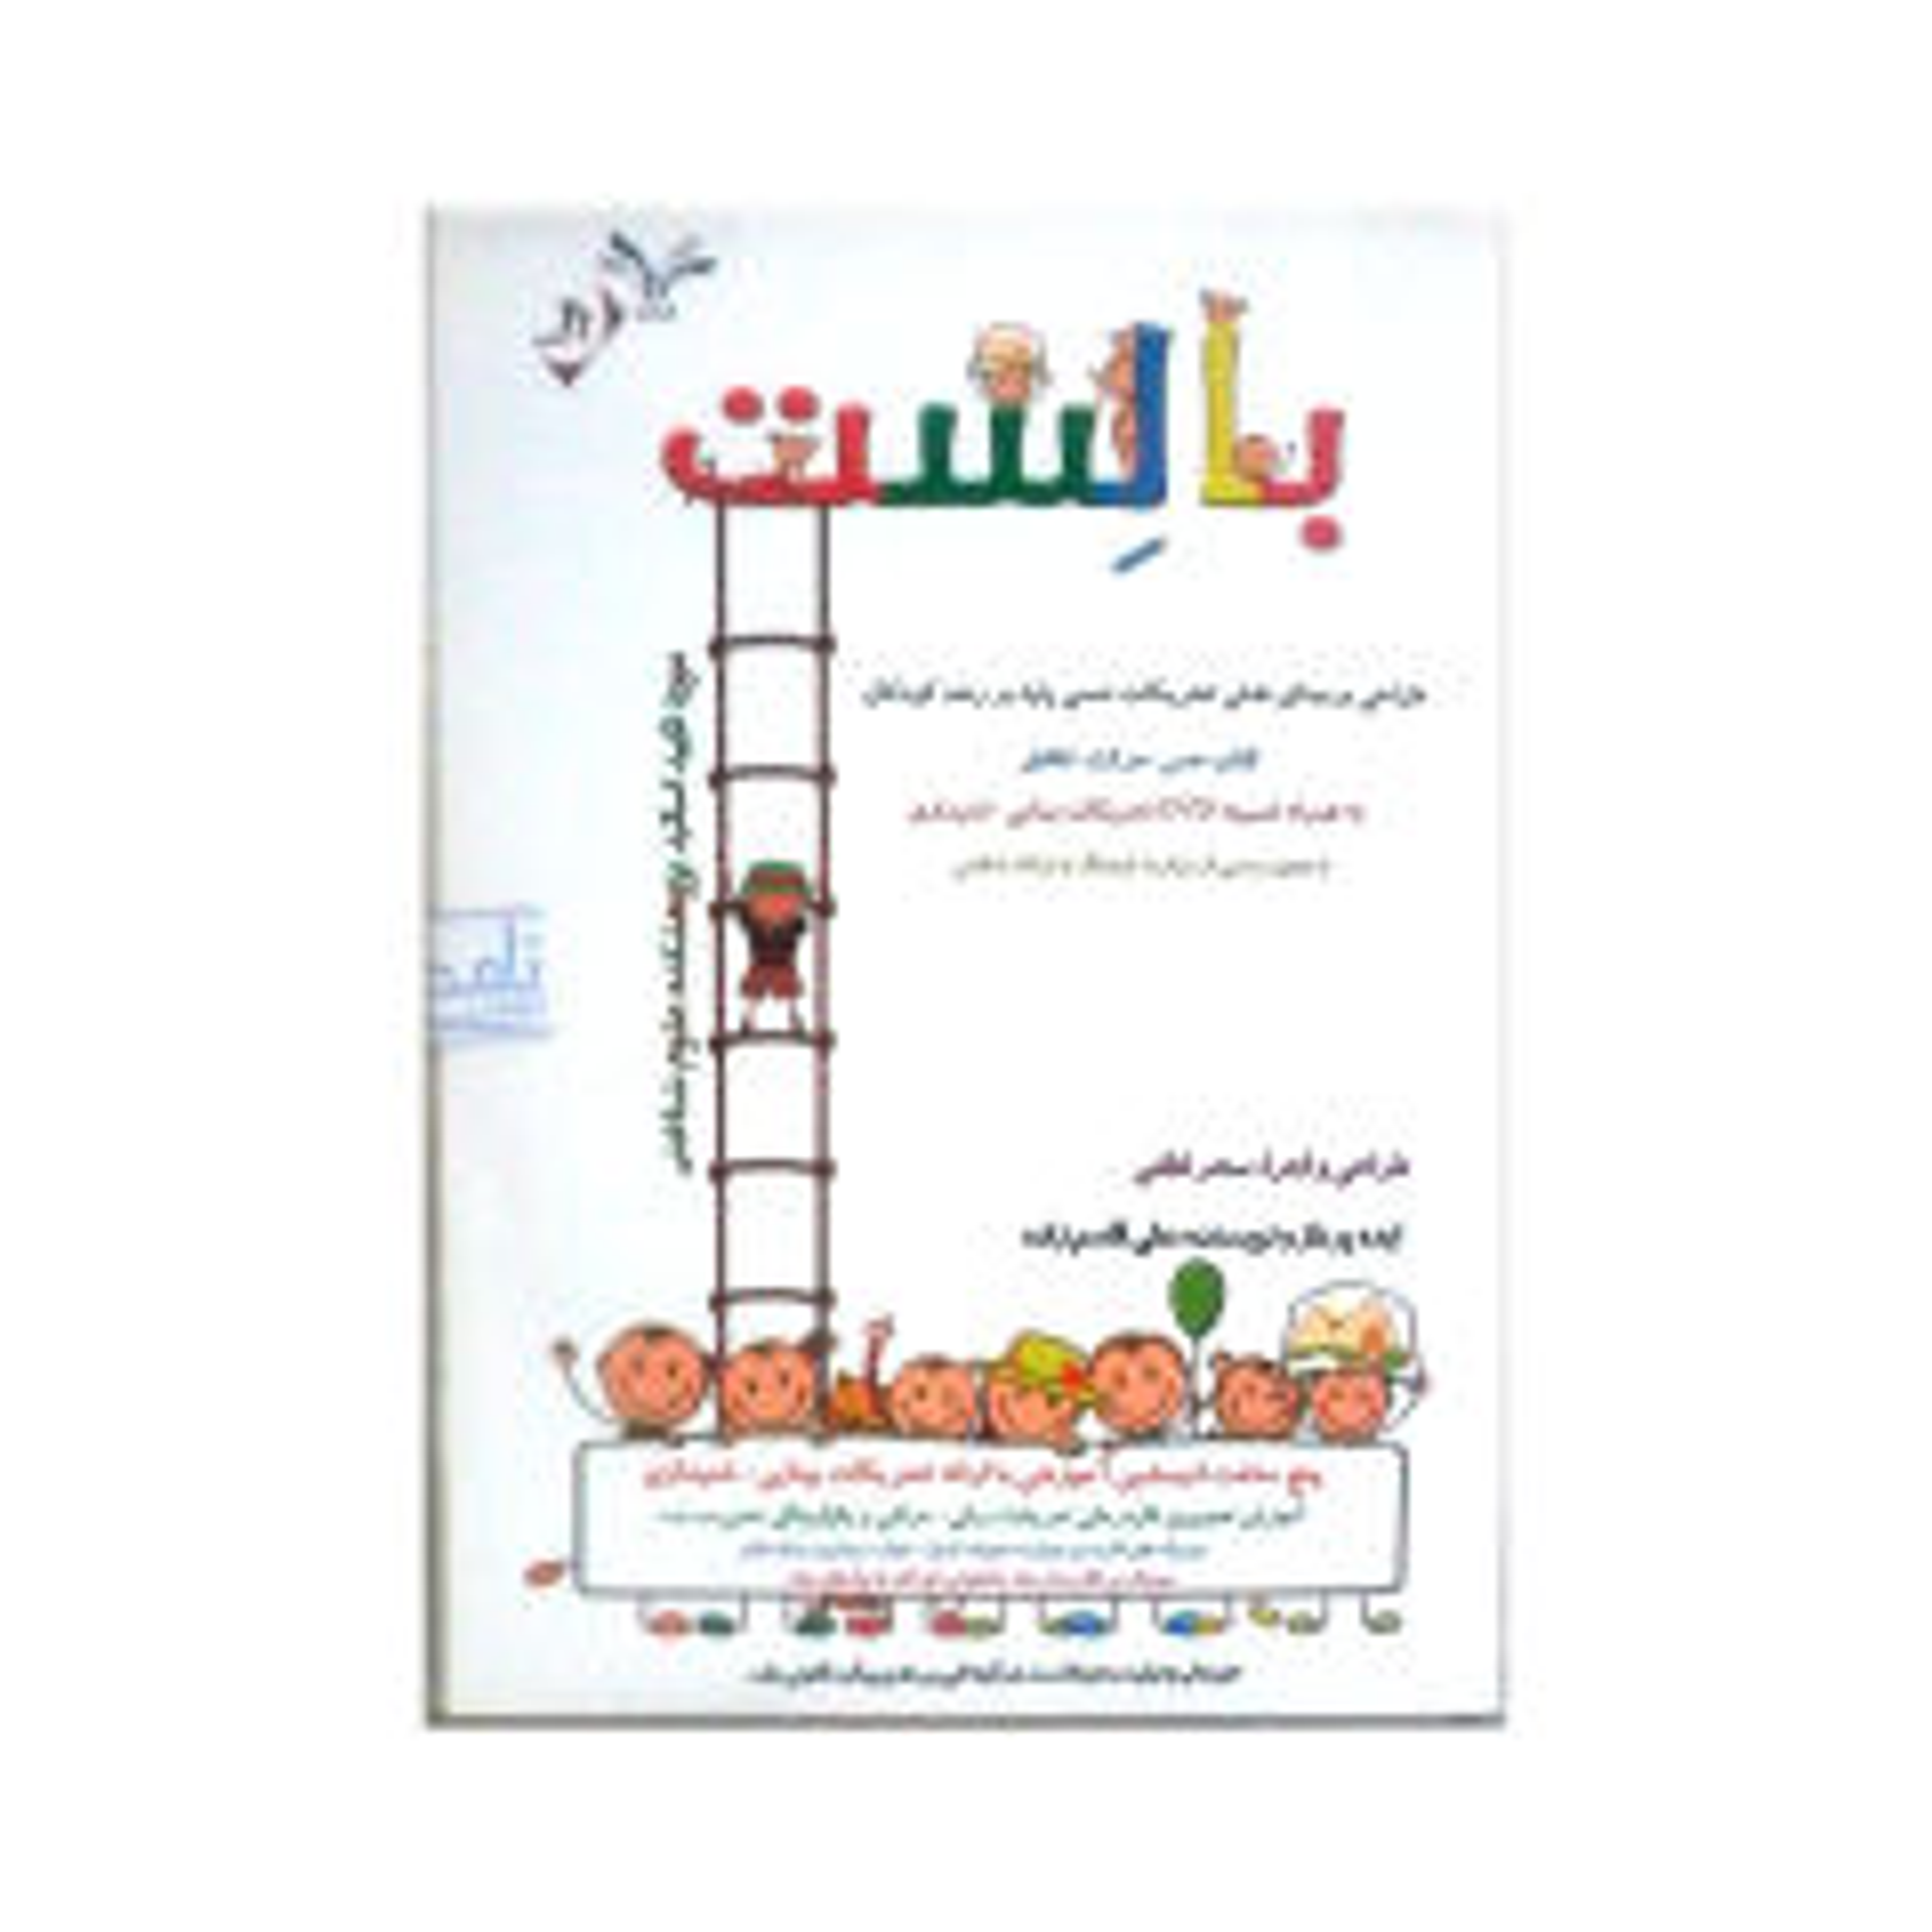 نرم افزار کمک آموزشی بالِست انتشارات نامه مهر